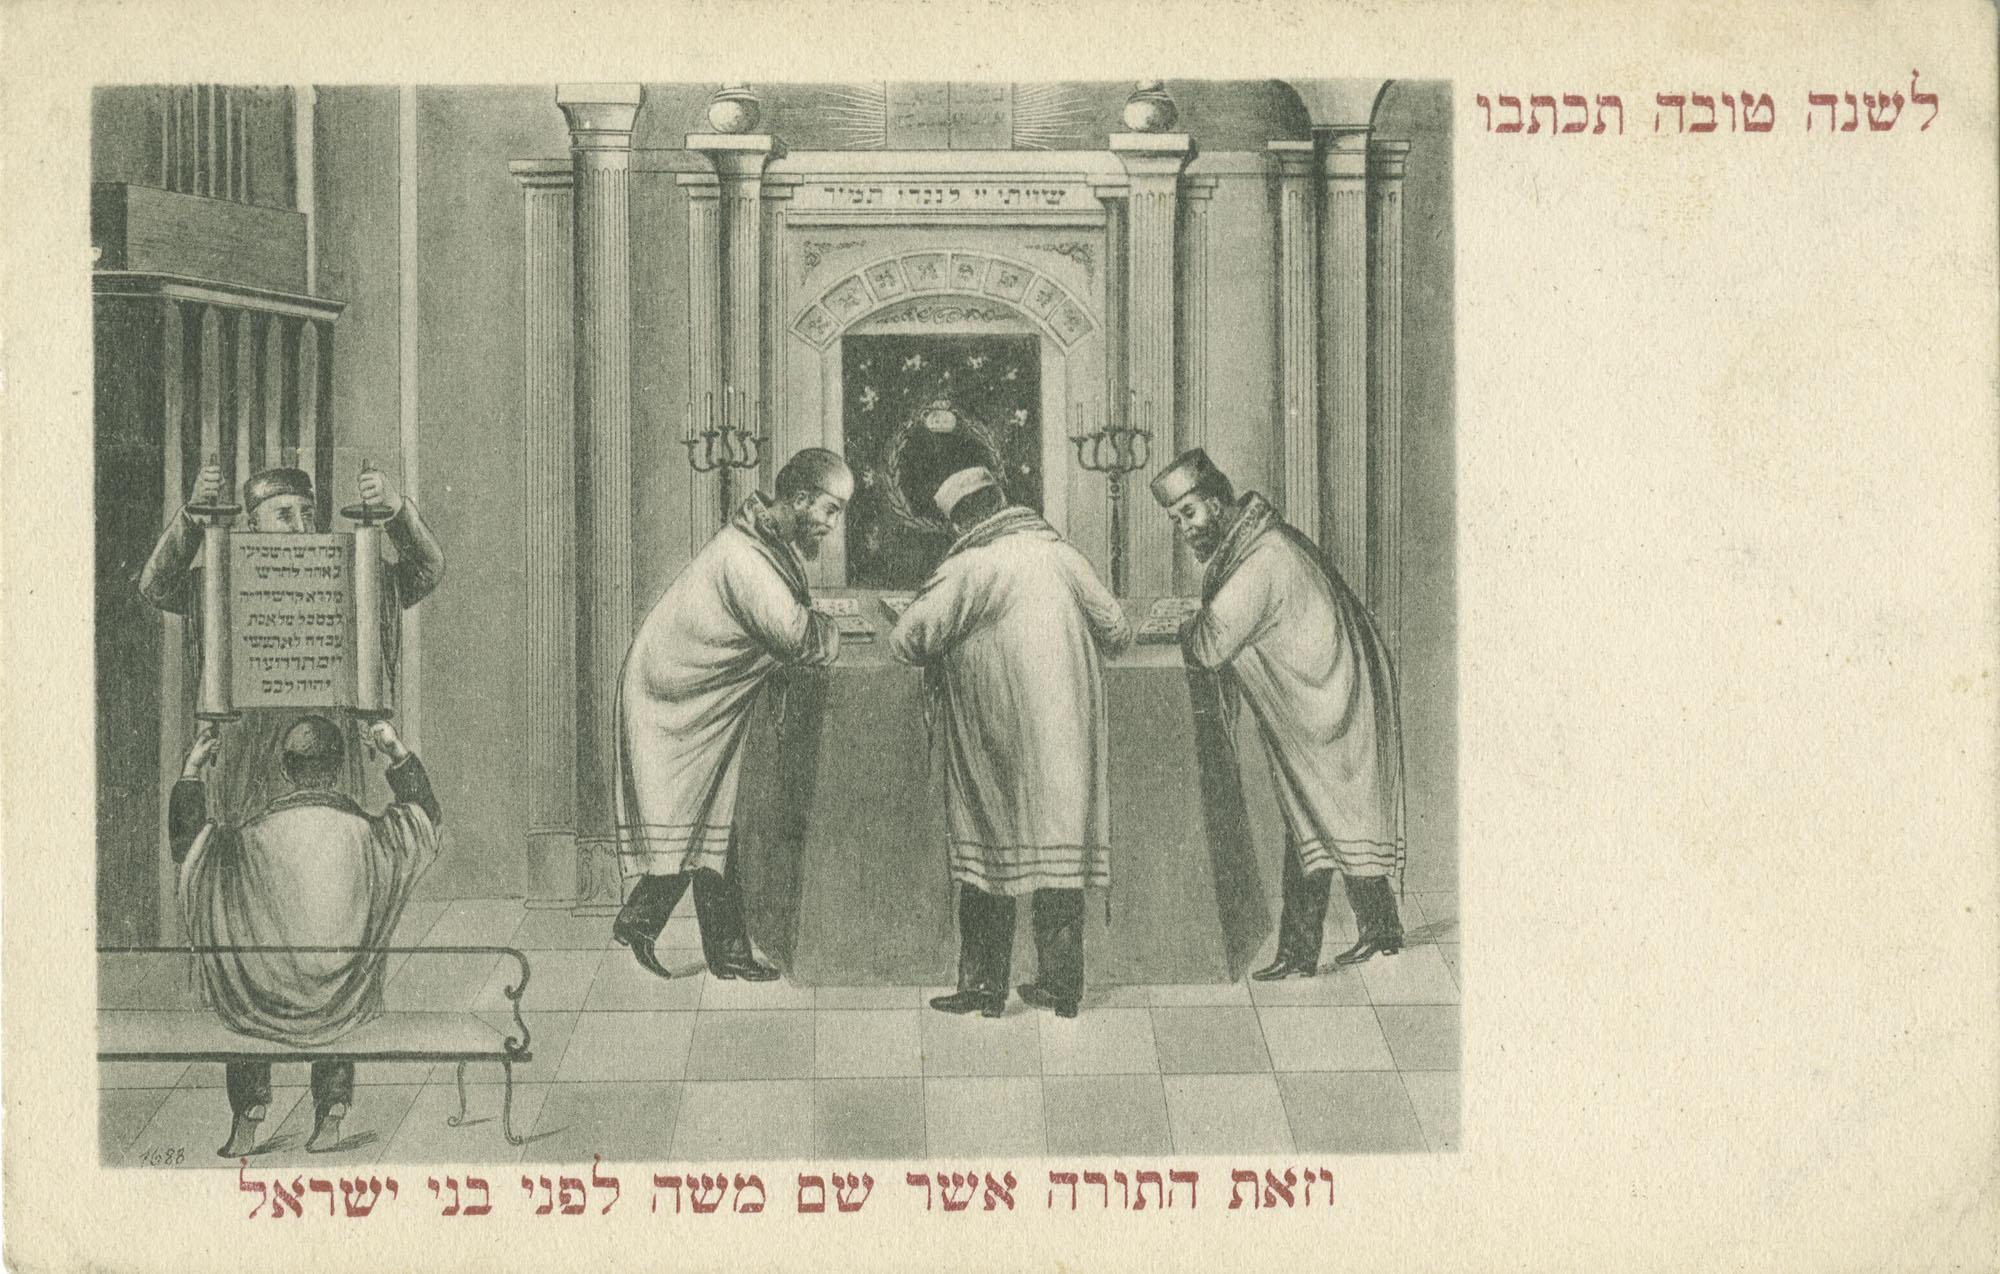 וזאת התורה אשר שם משה לפני בני ישראל